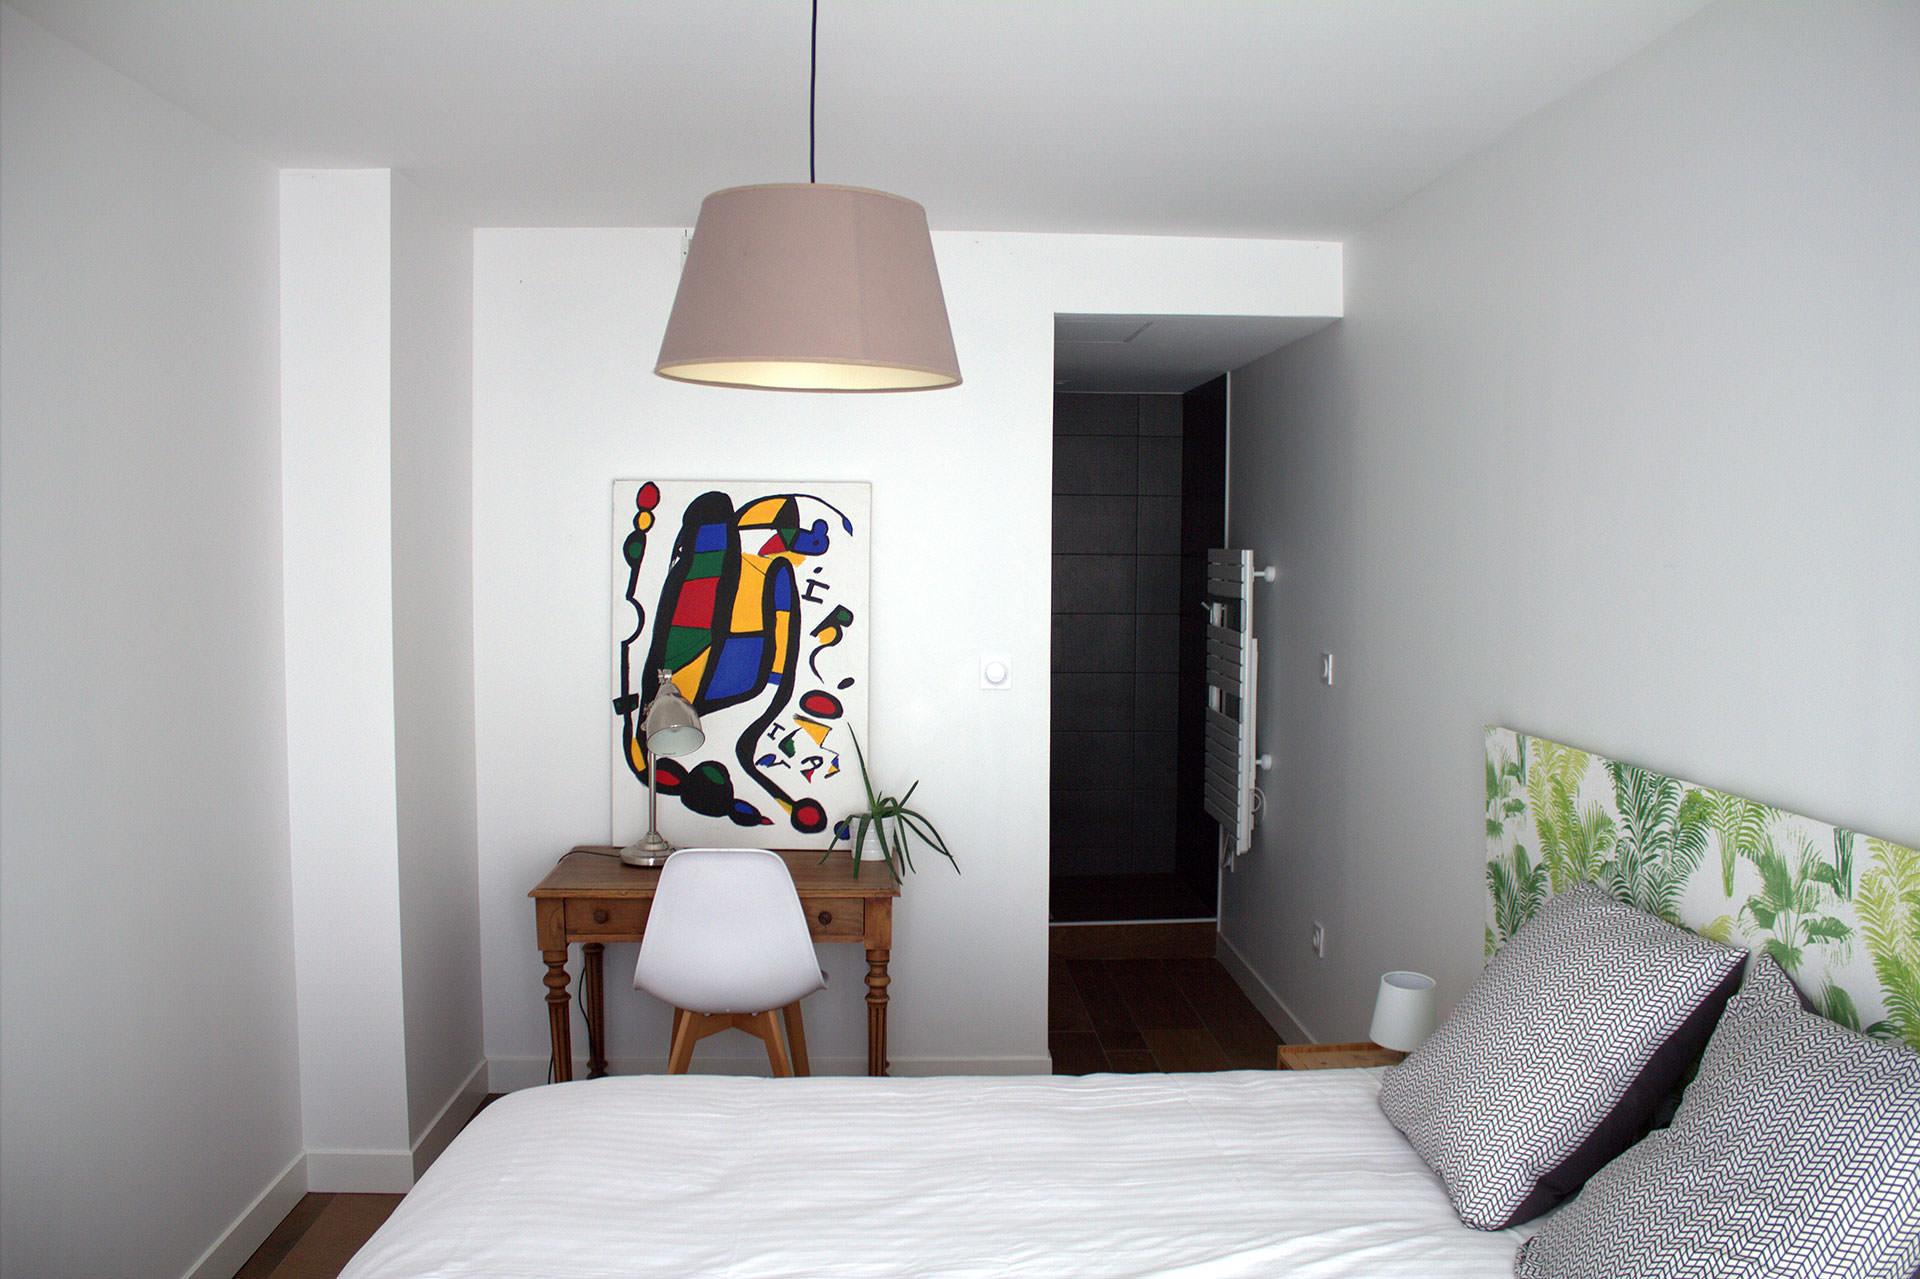 Effet Lodge chambre hotes Saint-Cyr-au-Mont-d'Or